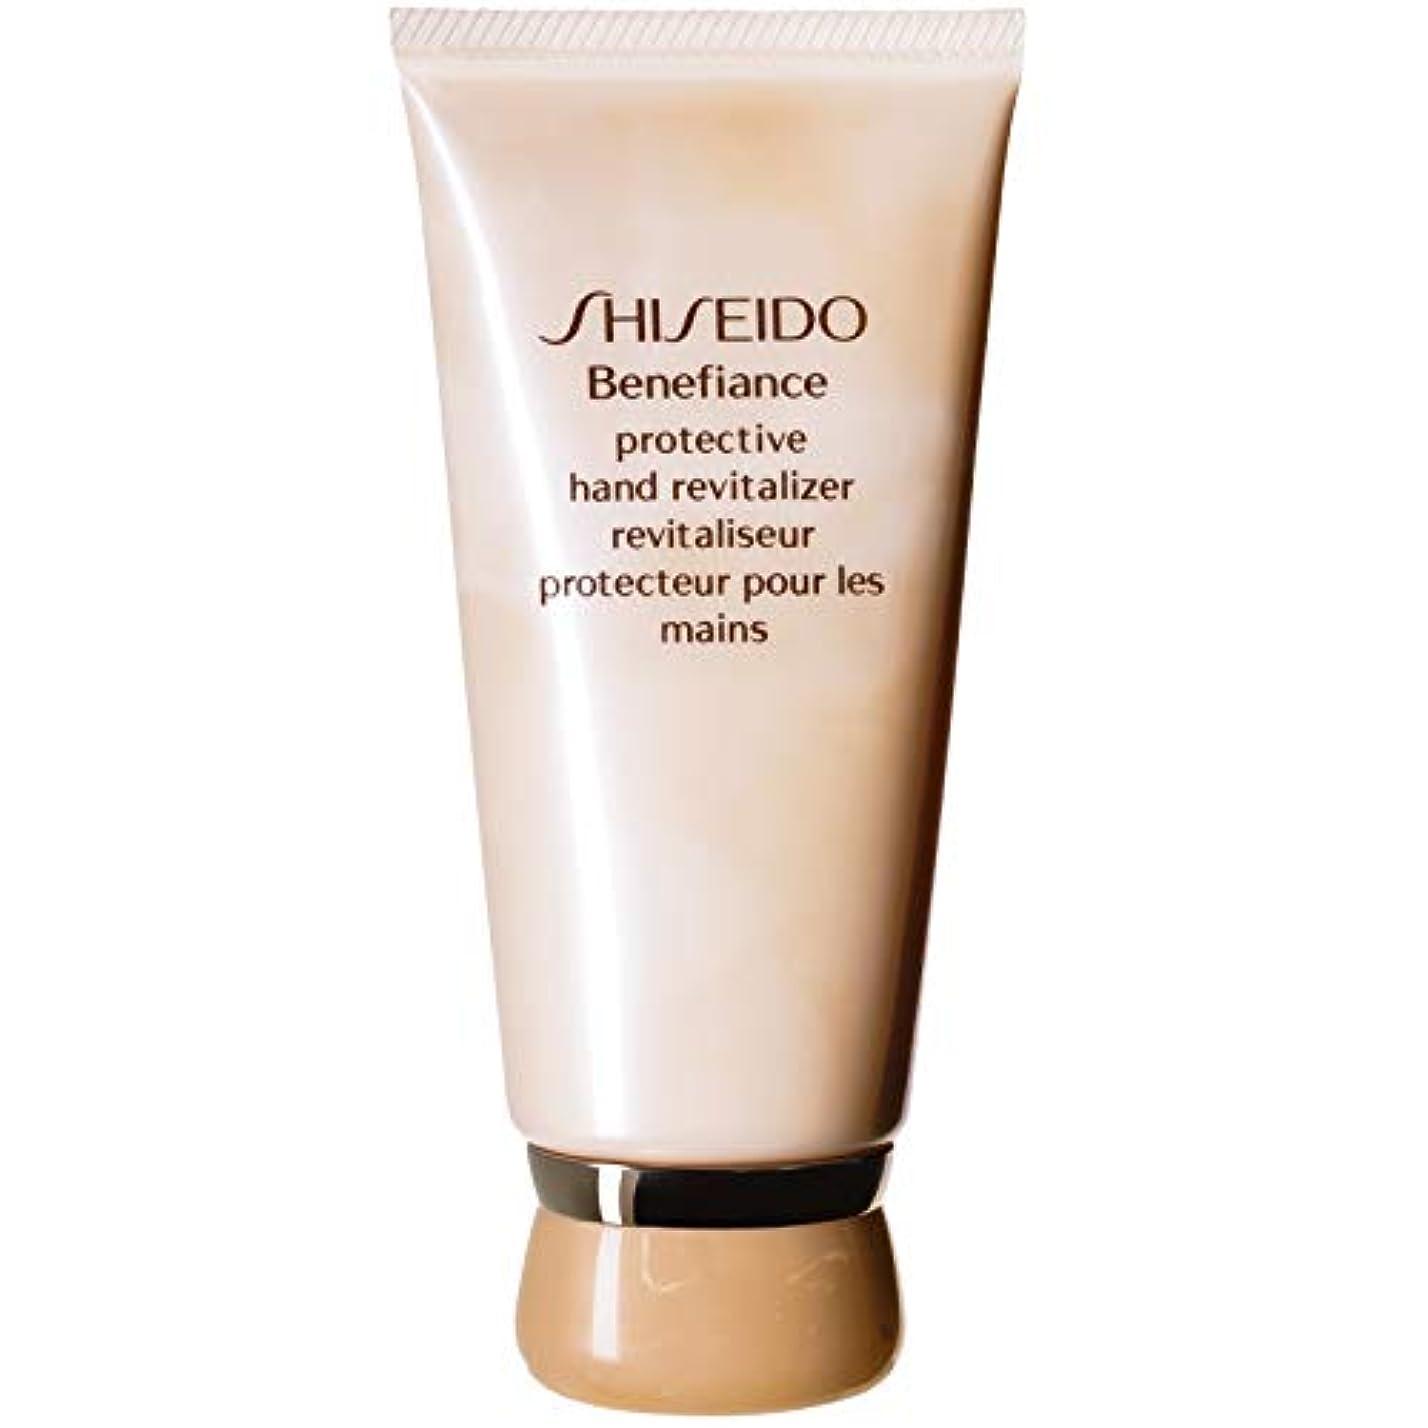 失望させる穀物本を読む[Shiseido] 資生堂ベネフィアンス保護手の滋養強壮の75ミリリットル - Shiseido Benefiance Protective Hand Revitalizer 75ml [並行輸入品]